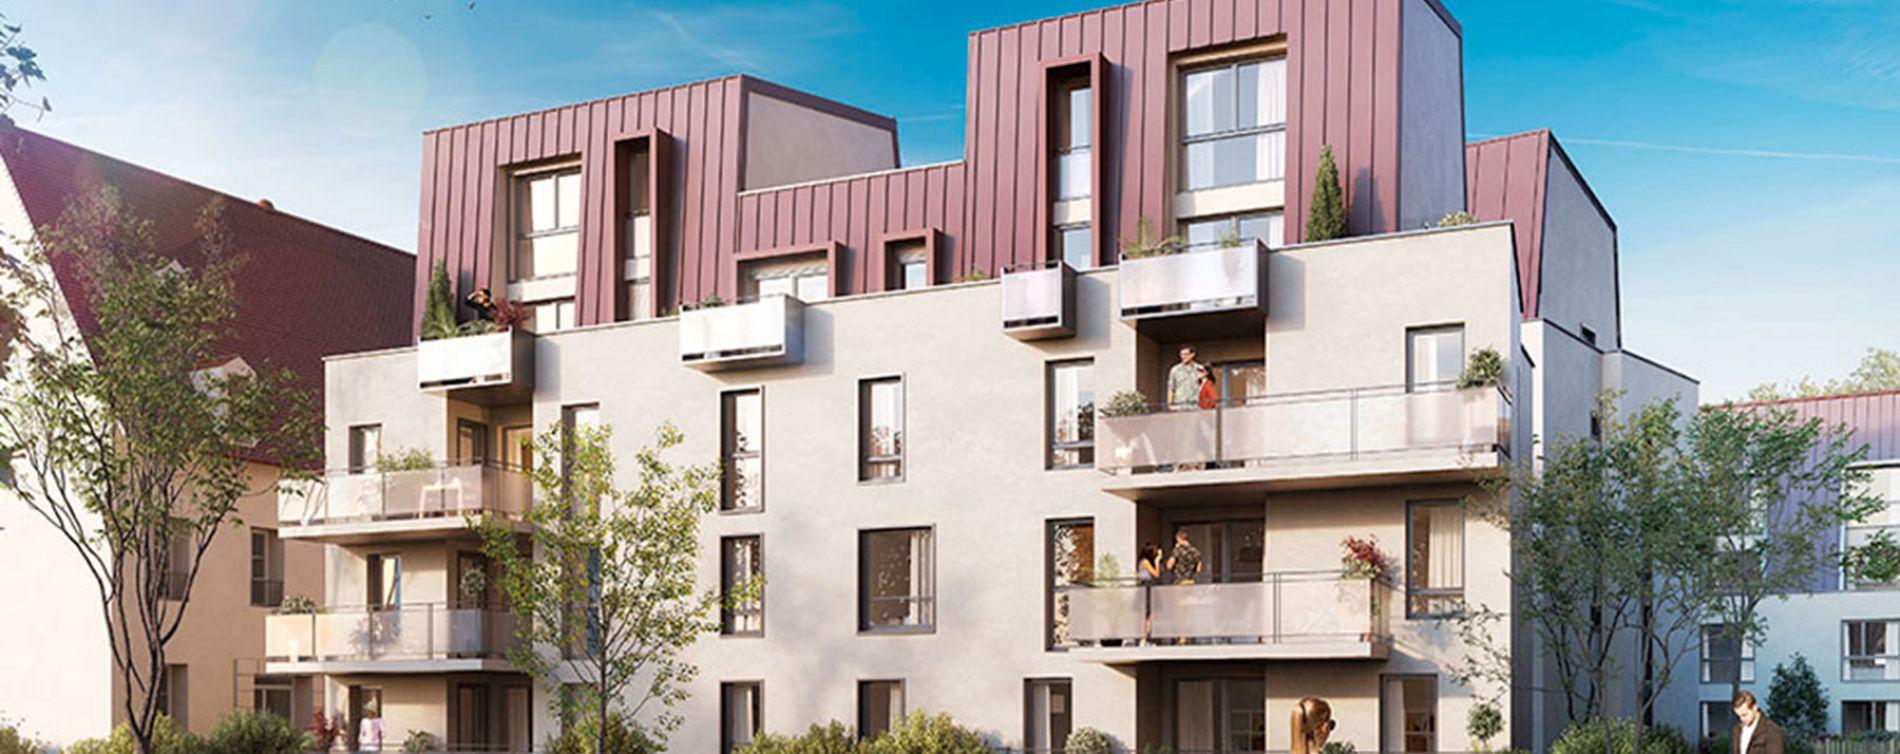 Résidence Faubourg Sainte-Marthe à Dijon